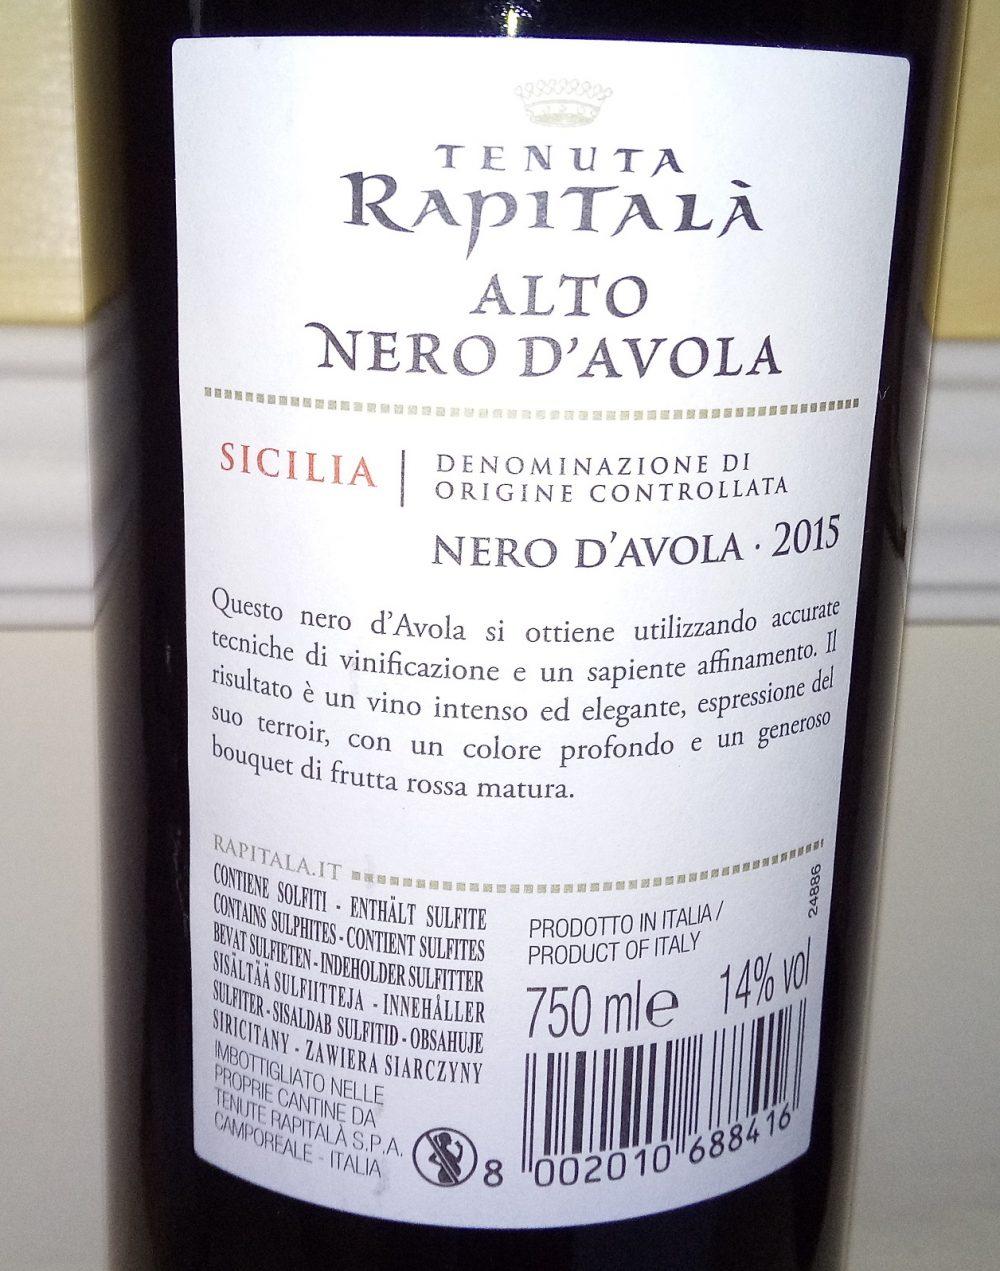 Controetichetta Alto Nero d'Avola Sicilia Doc 2015 Tenuta Rapitala'